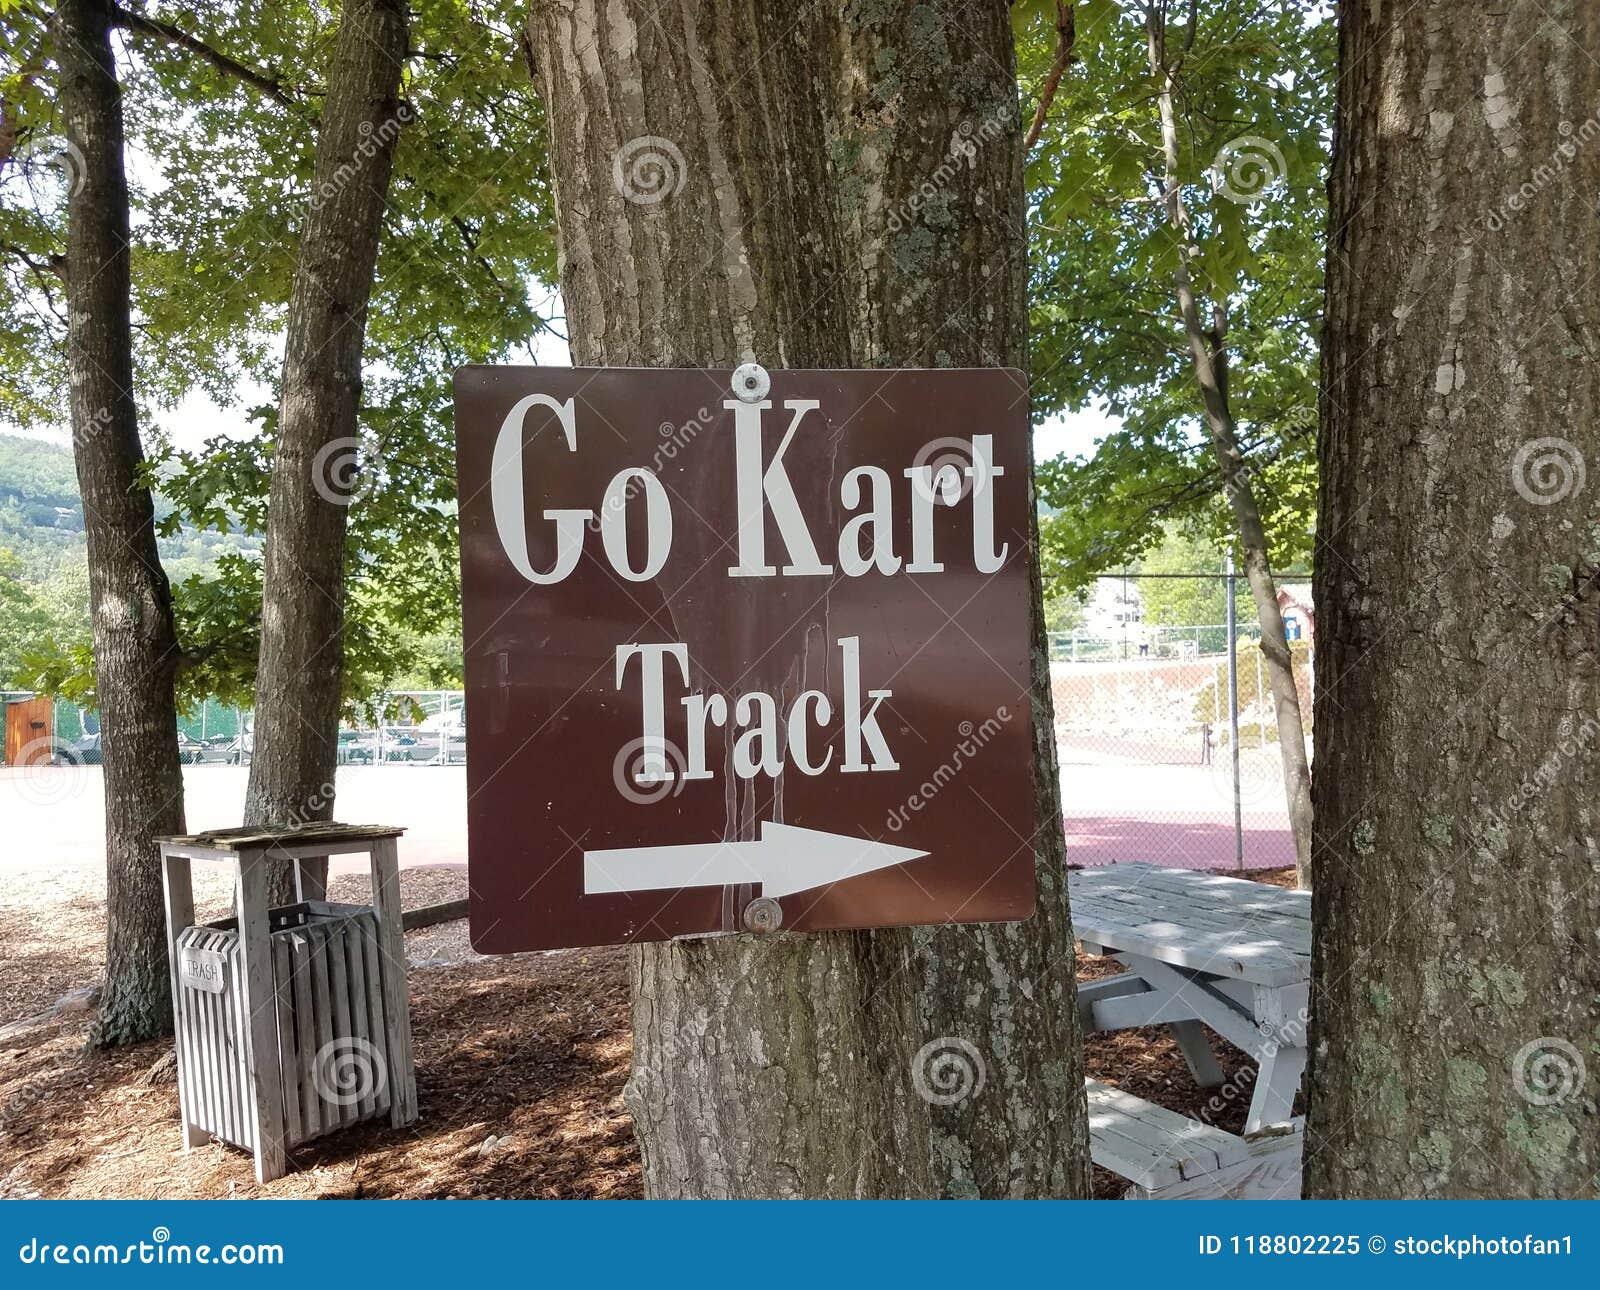 Brown vont voie de kart se connectent un arbre